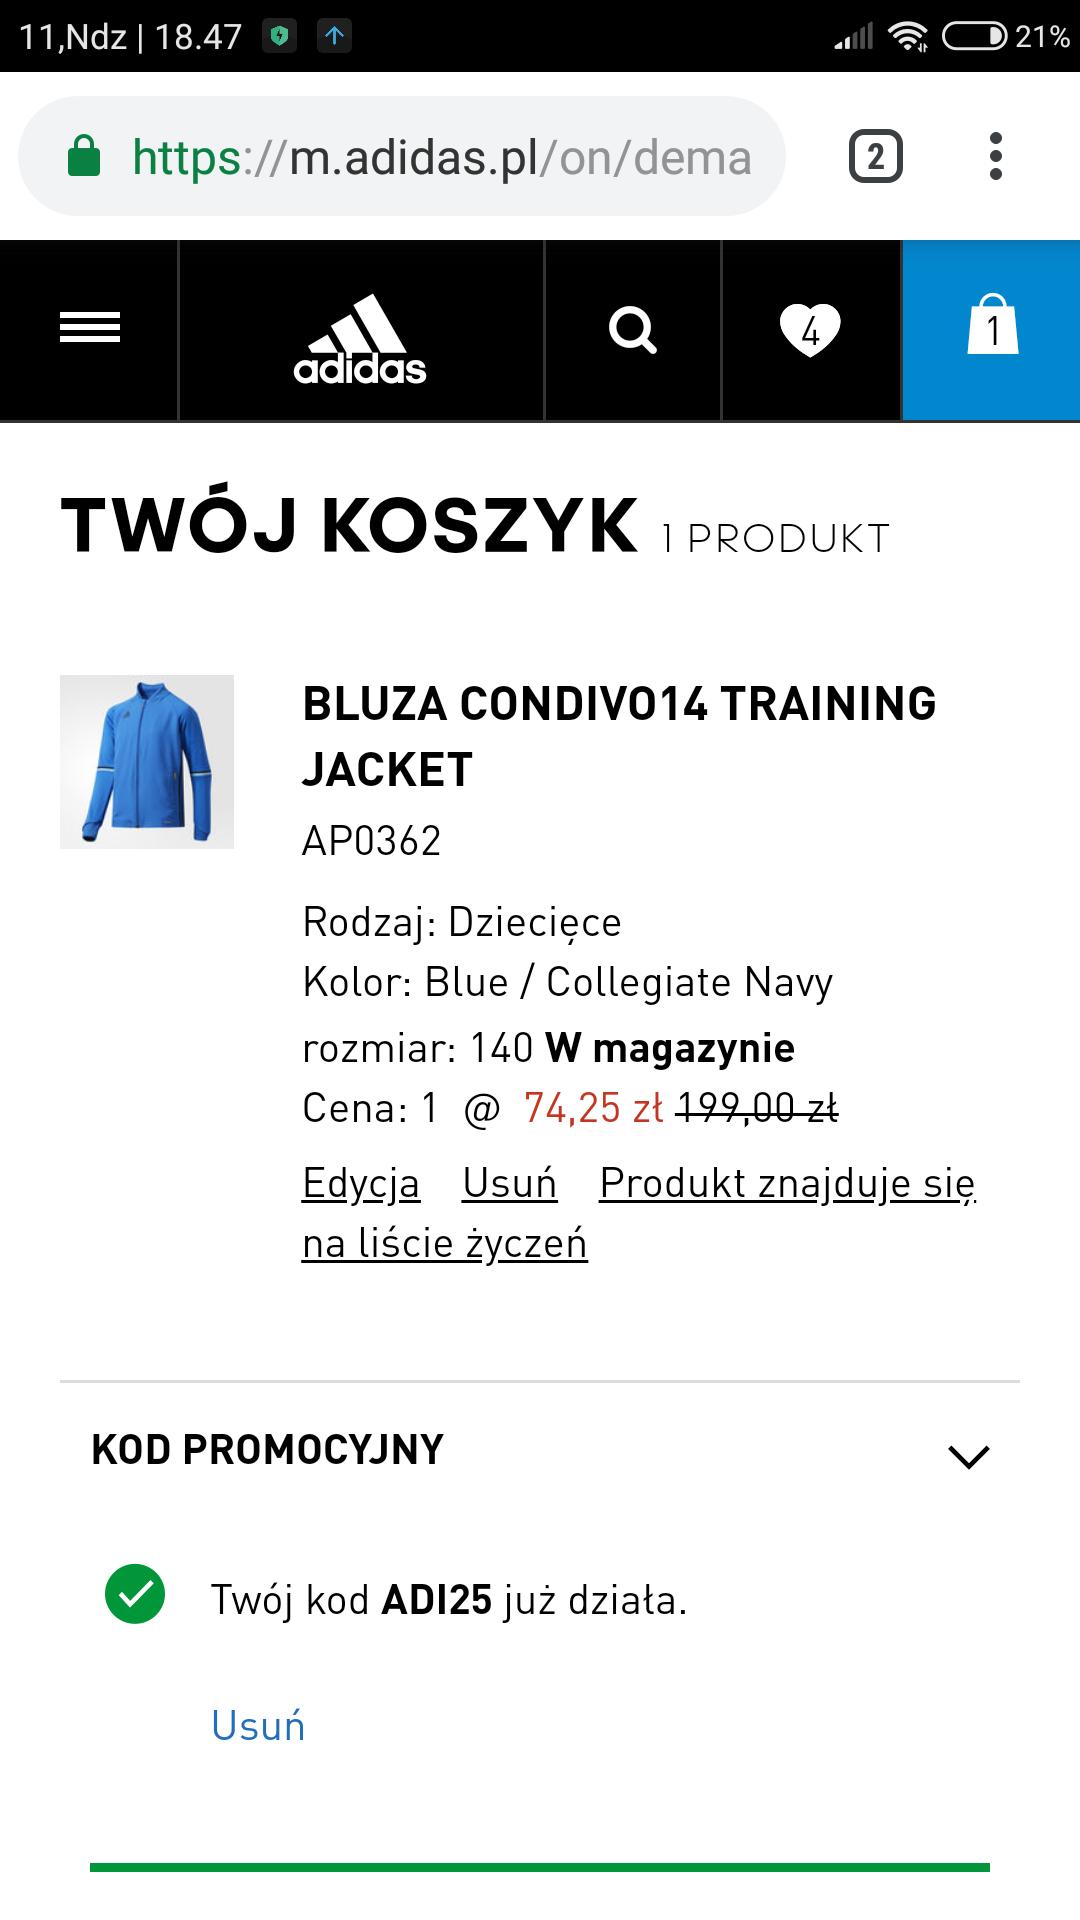 BLUZA CONDIVO14 TRAINING JACKET